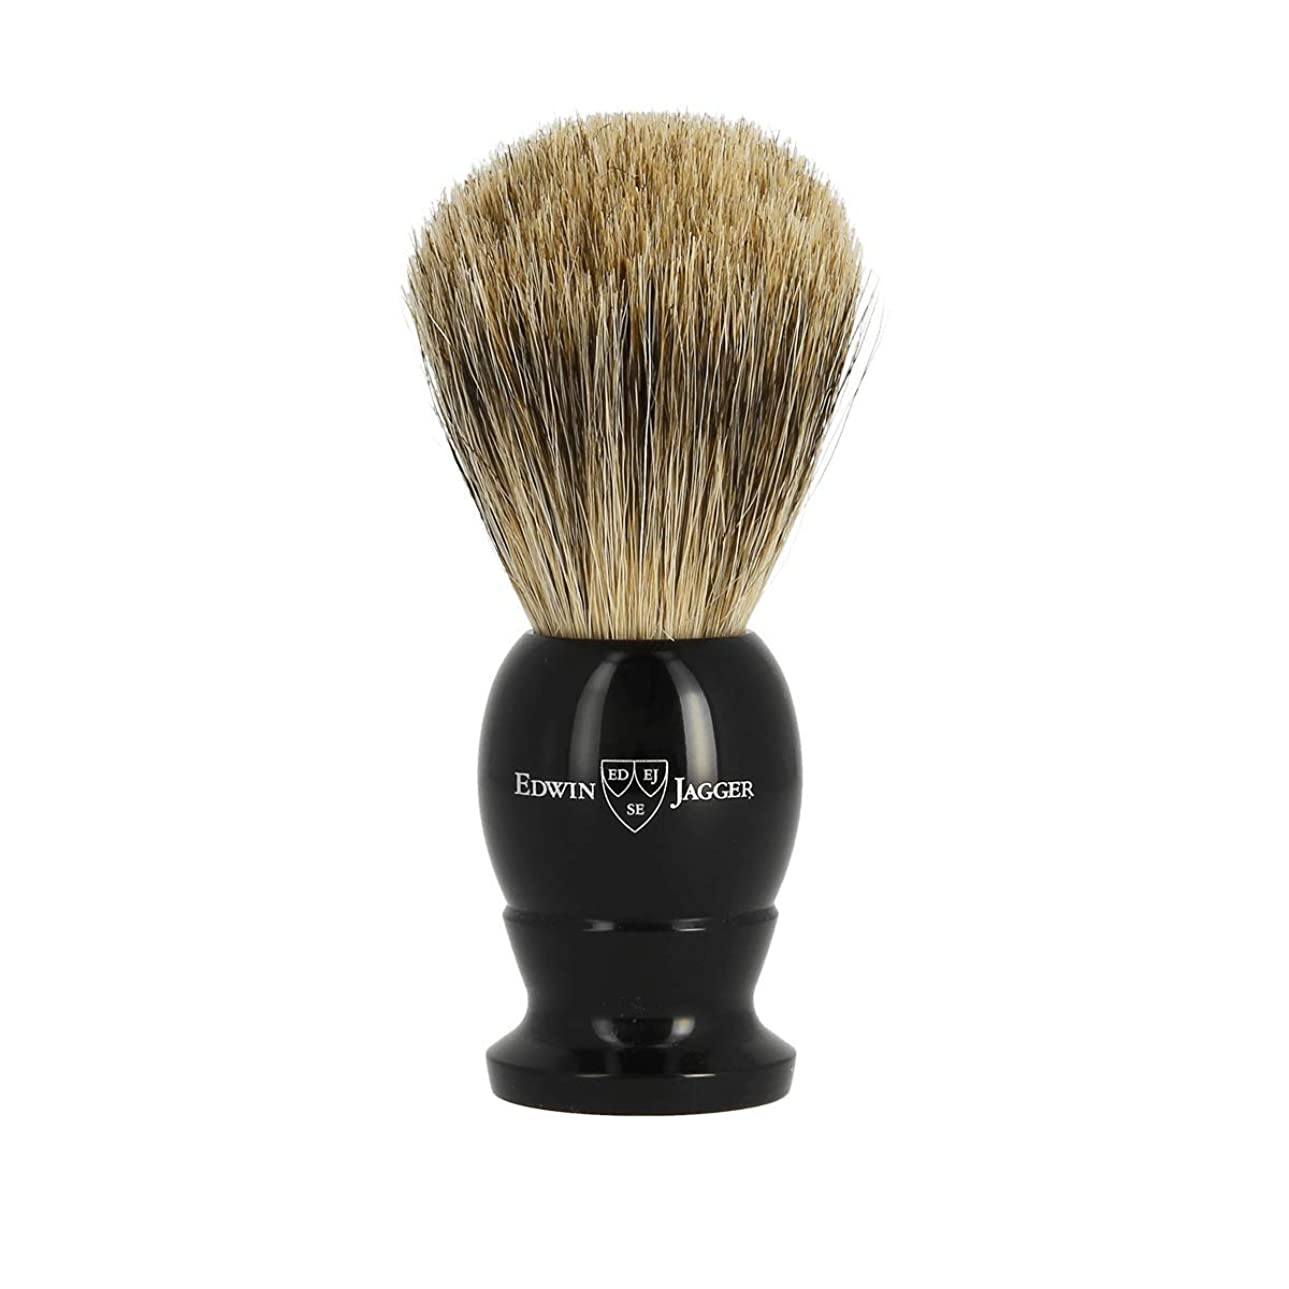 代理店極めて雷雨エドウィンジャガー ベストバッジャーアナグマ毛 エボニーシェービングブラシミディアム1EJ876[海外直送品]Edwin Jagger Best Badger Ebony Shaving Brush Medium 1EJ876 [並行輸入品]